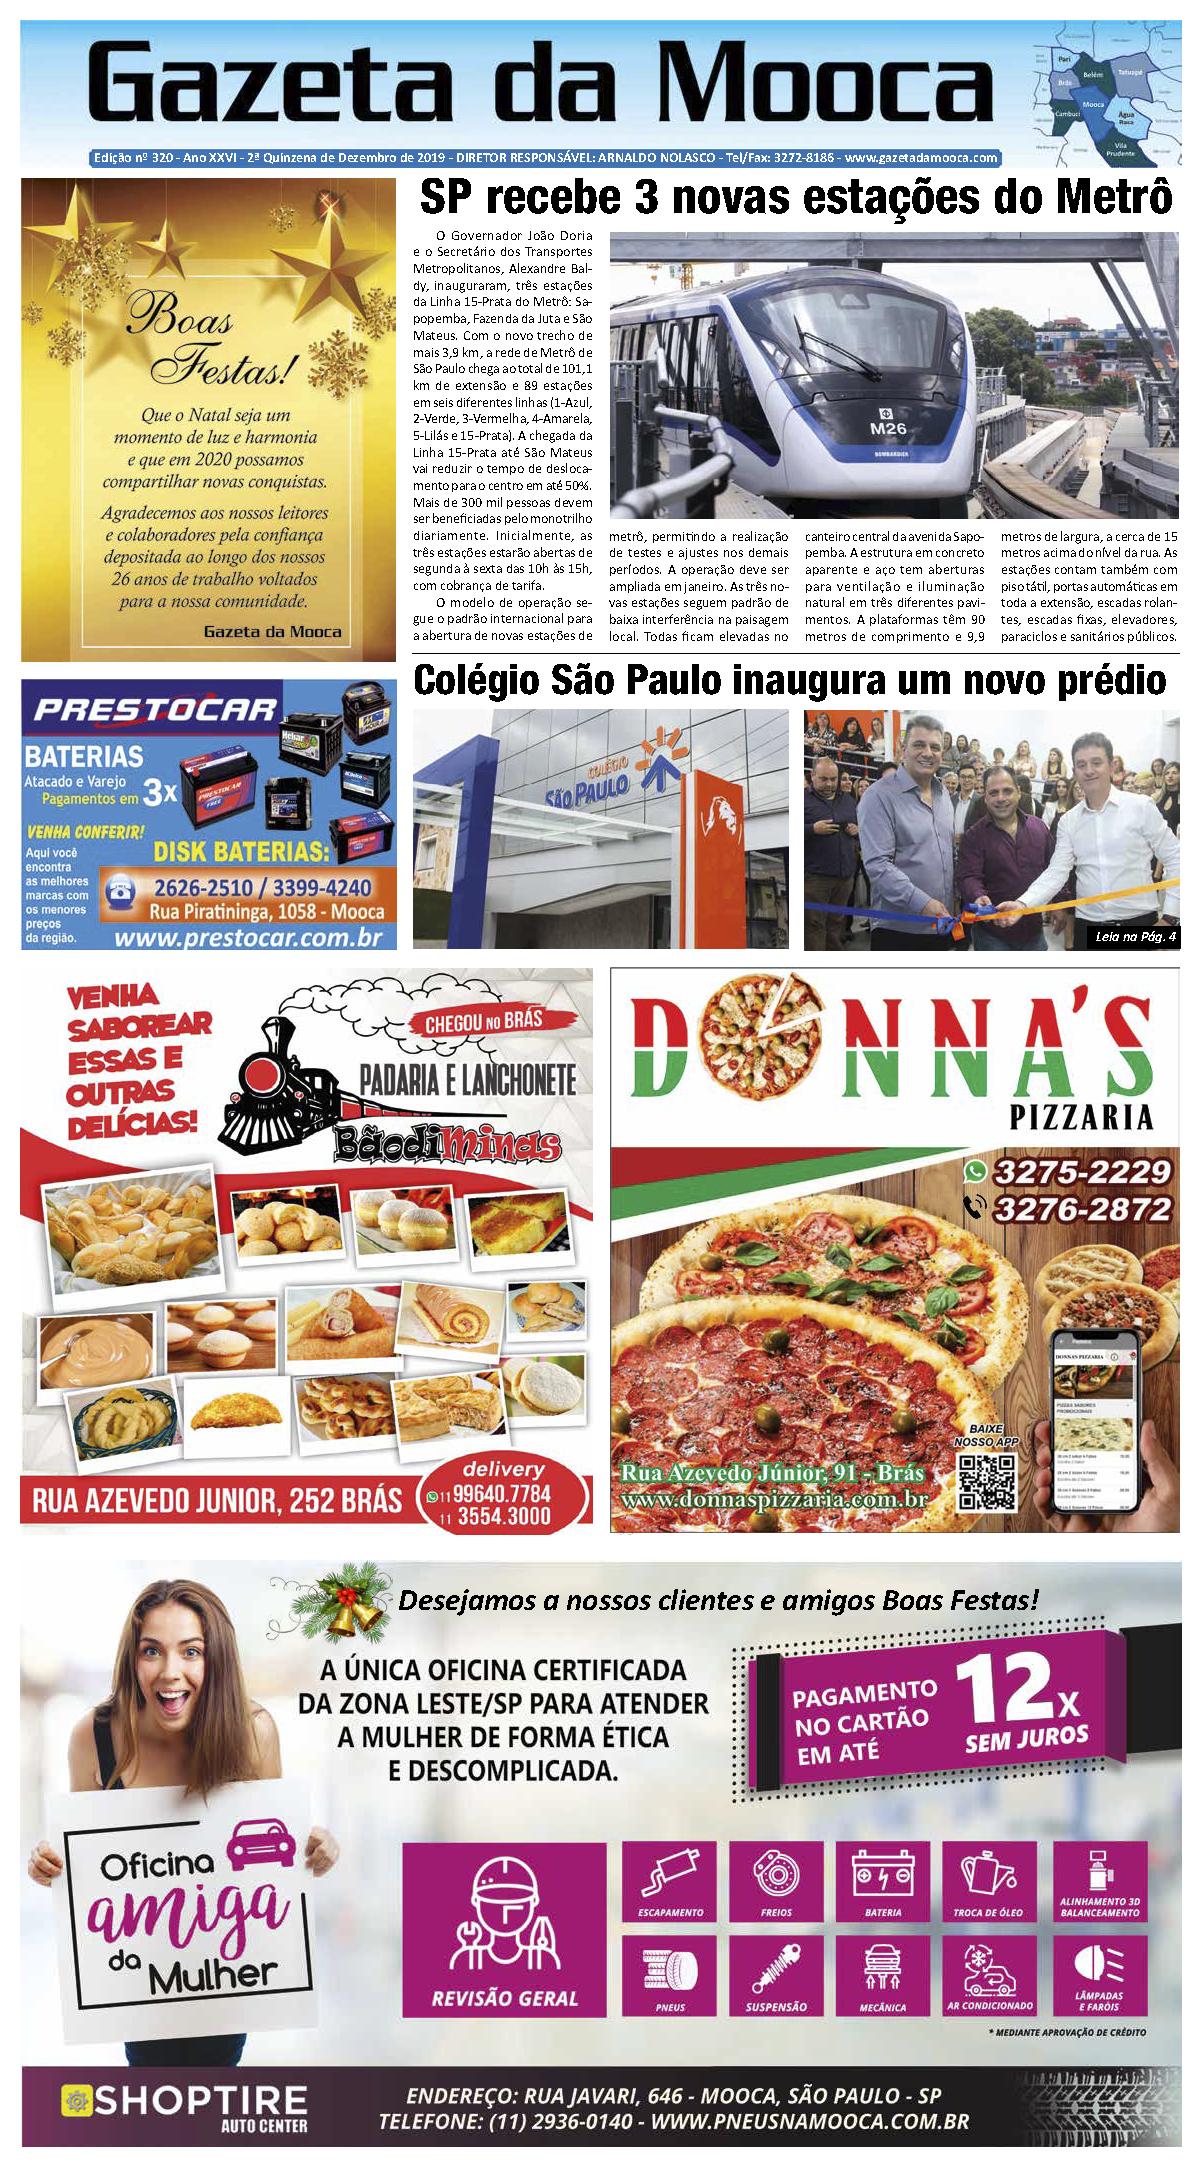 Gazeta da Mooca - Edição nº 320 - Ano XXVI - 2ª Quinzena de Dezembro de 2019